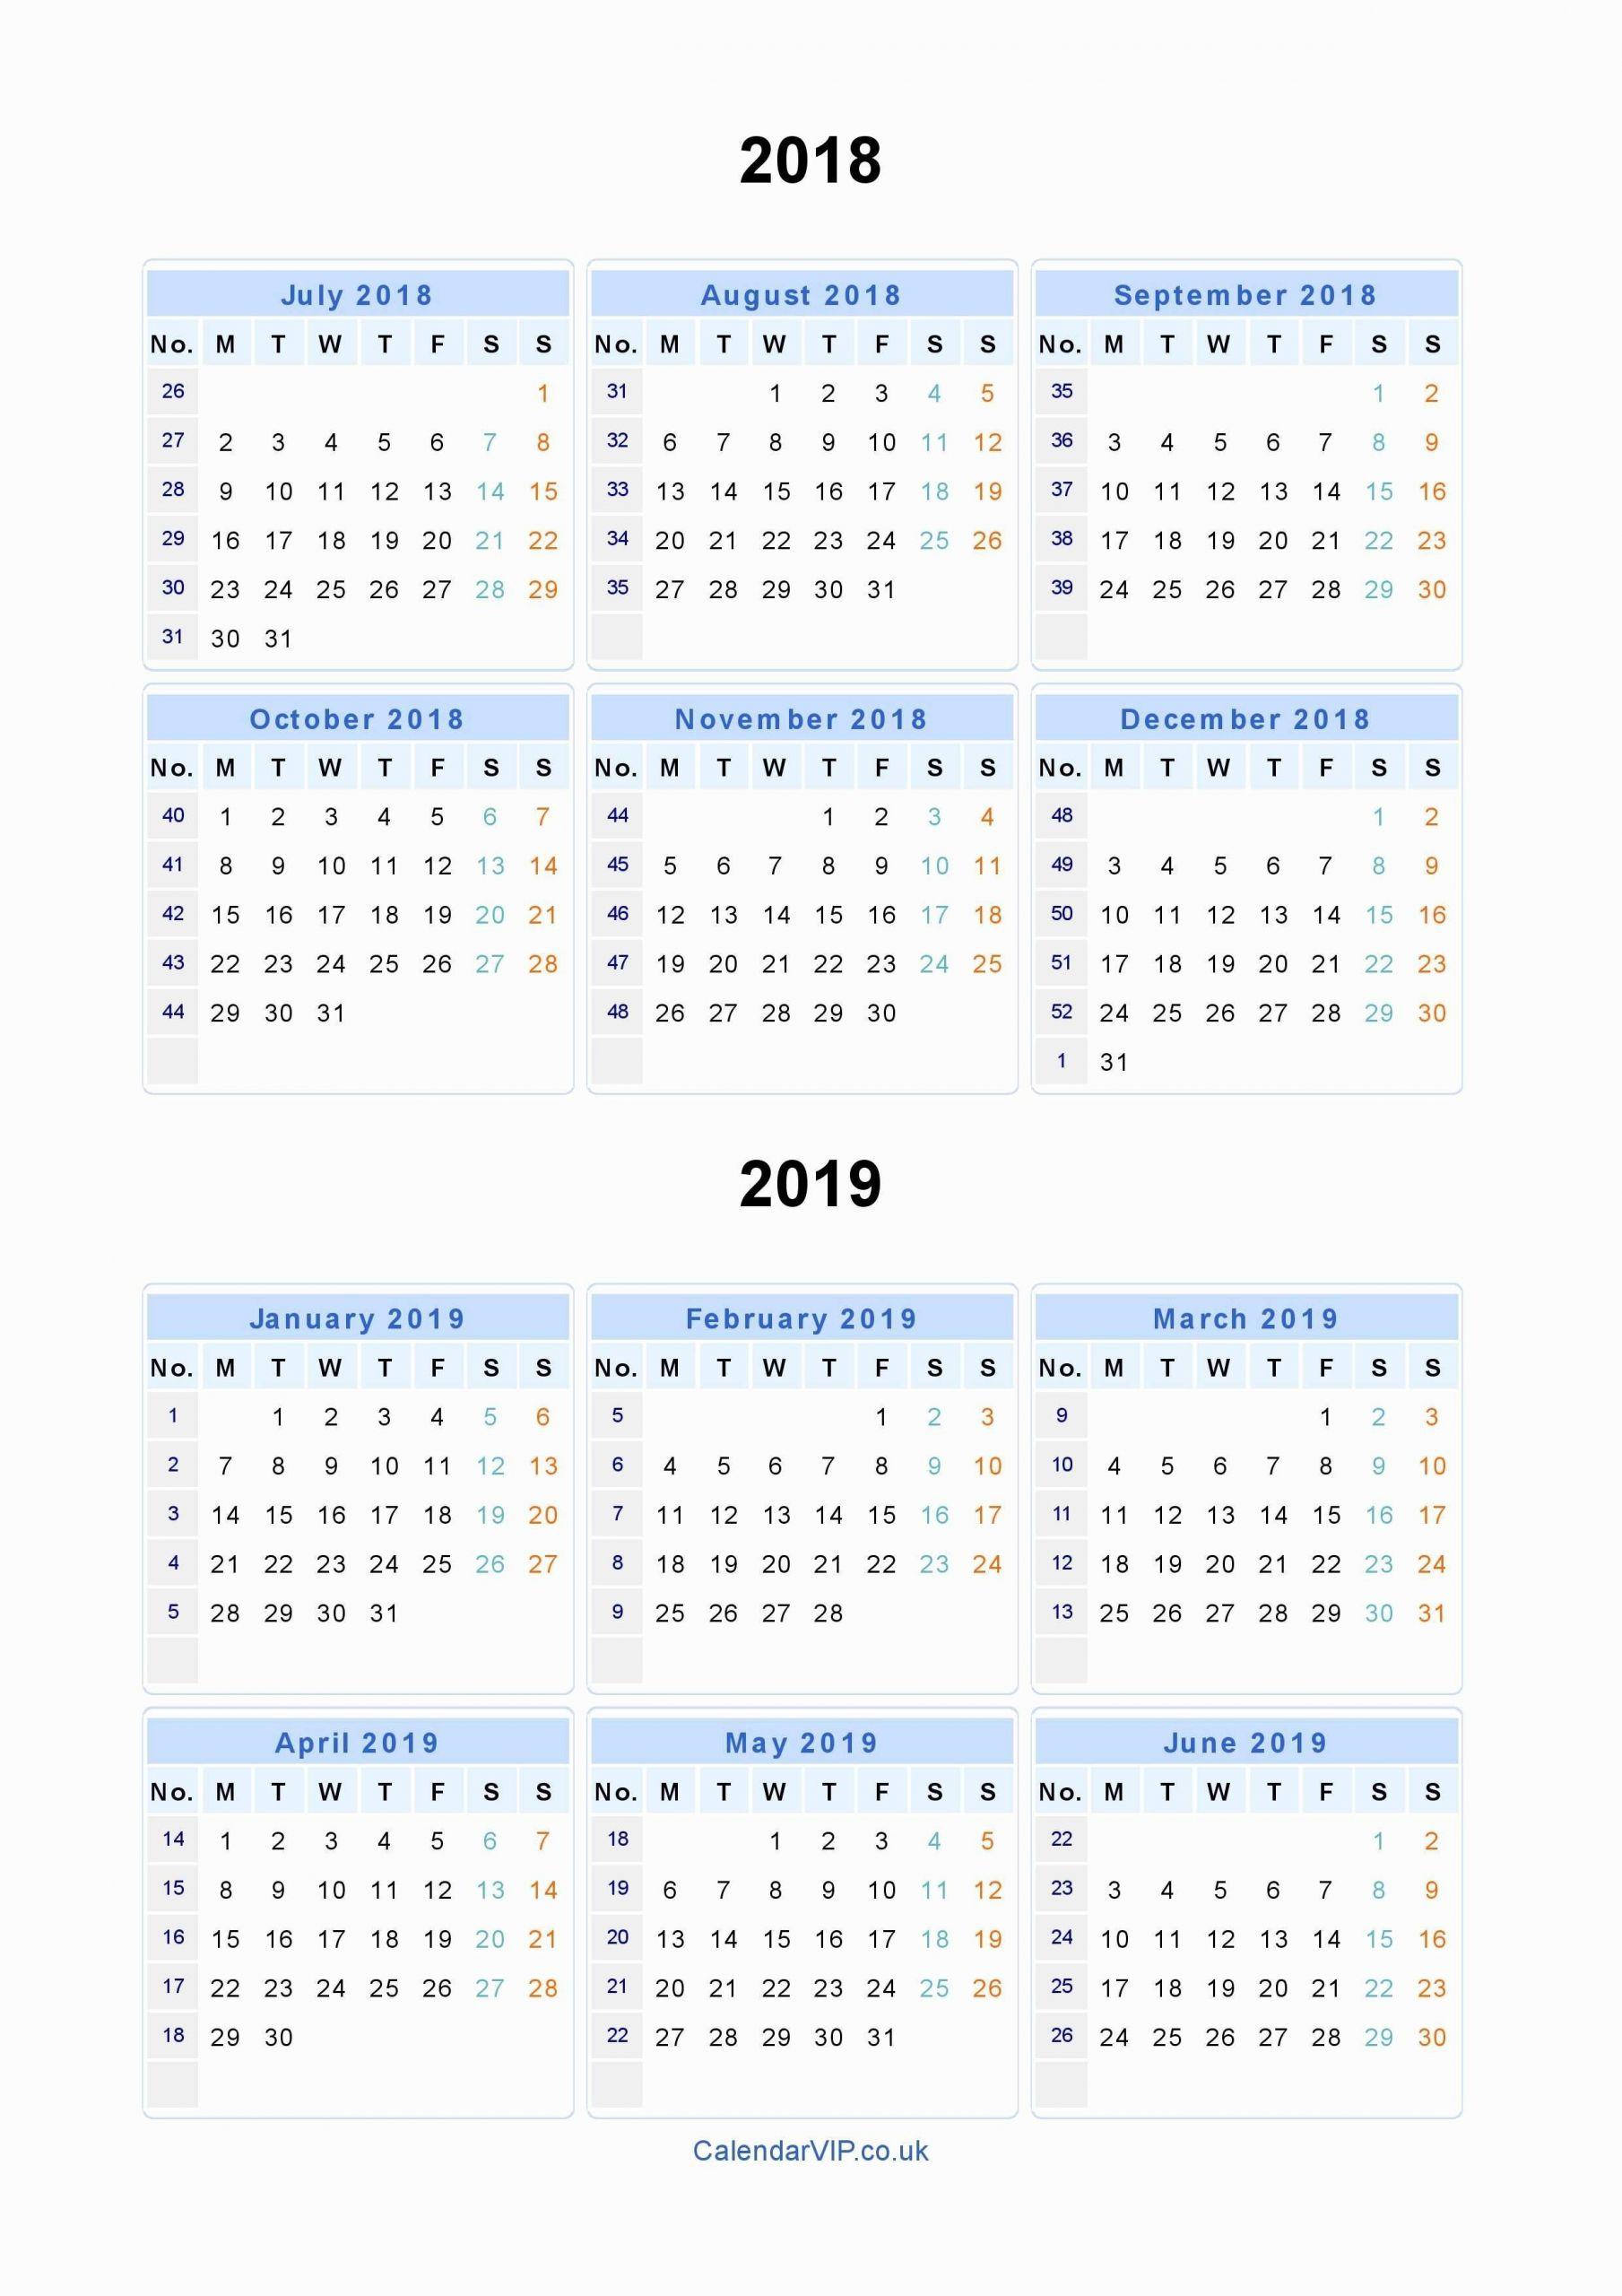 kalender 2019 malaysia lengkap mas caliente kam jum sarawak s sept newspictures of kalender 2019 malaysia lengkap